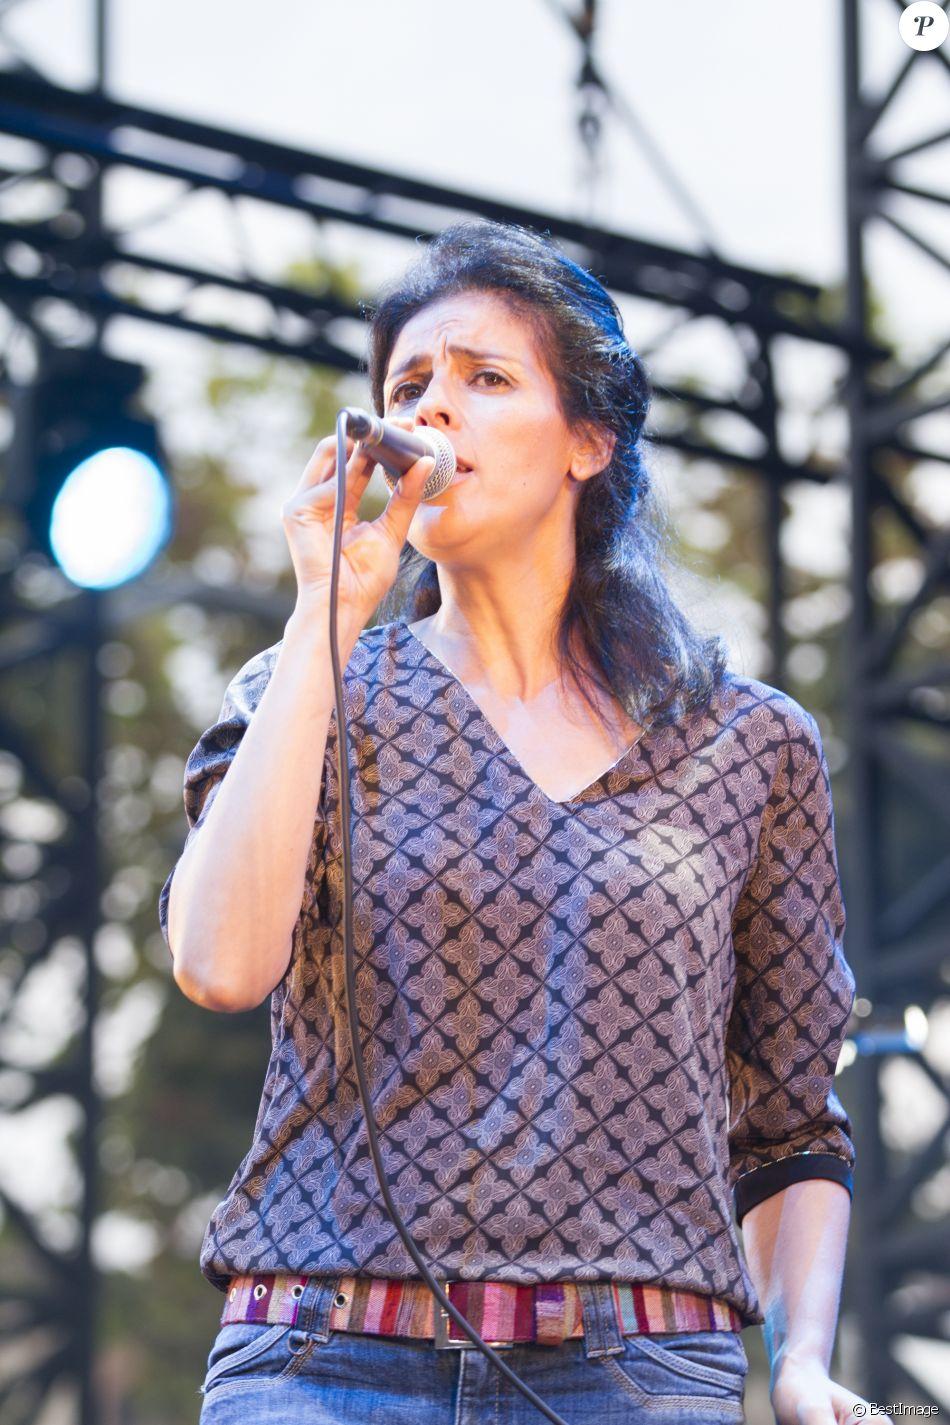 Souad Massi en concert lors du Festival Nuits du Sud à Vence le 23 juillet 2015.